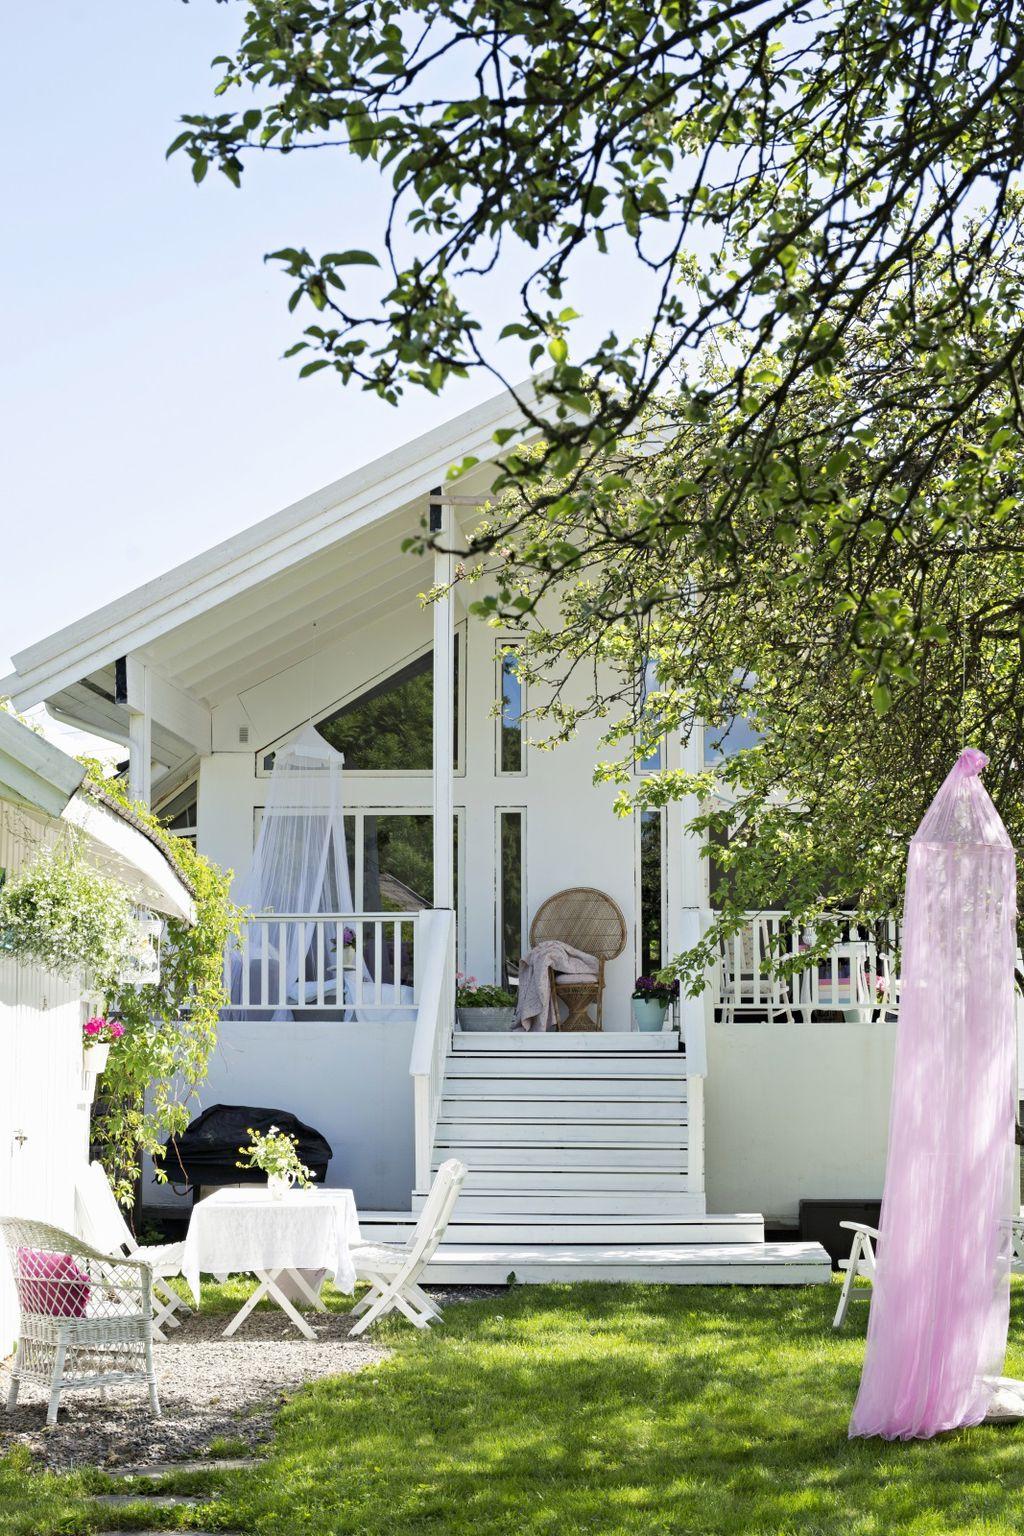 Ljetne kućice u kojima bismo živjeli cijelu godinu - 1